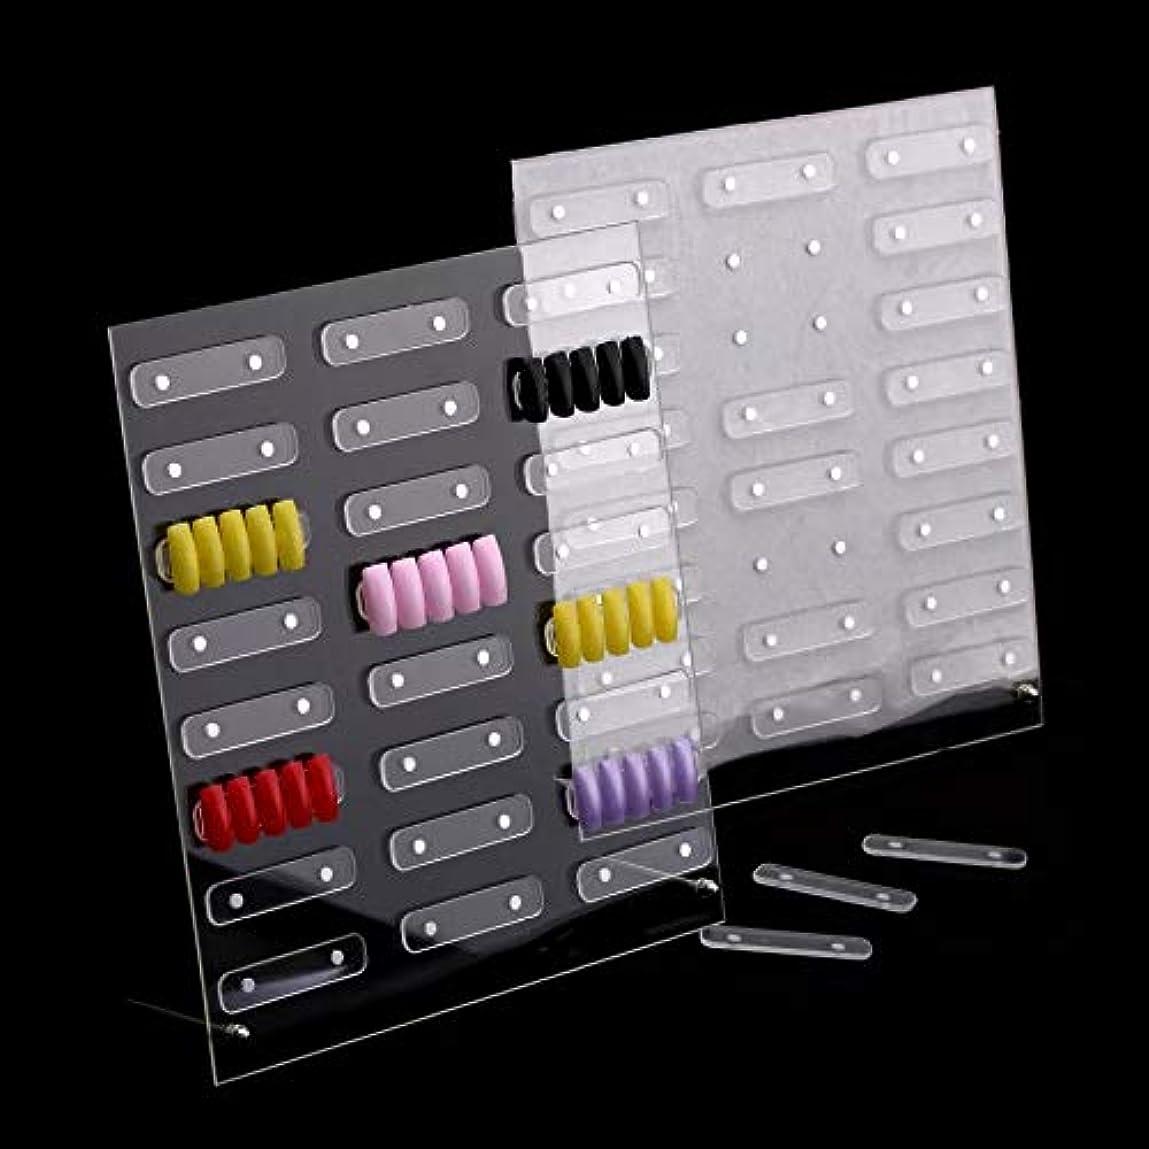 経験ソロ無声で磁石付きネイルサンプルディスプレイボード展示板 大容量24セット設置可能 見本ボード サンプルチップ貼り付け板 入れ替え取り外し簡単ラクラク! (大 (32ピース))